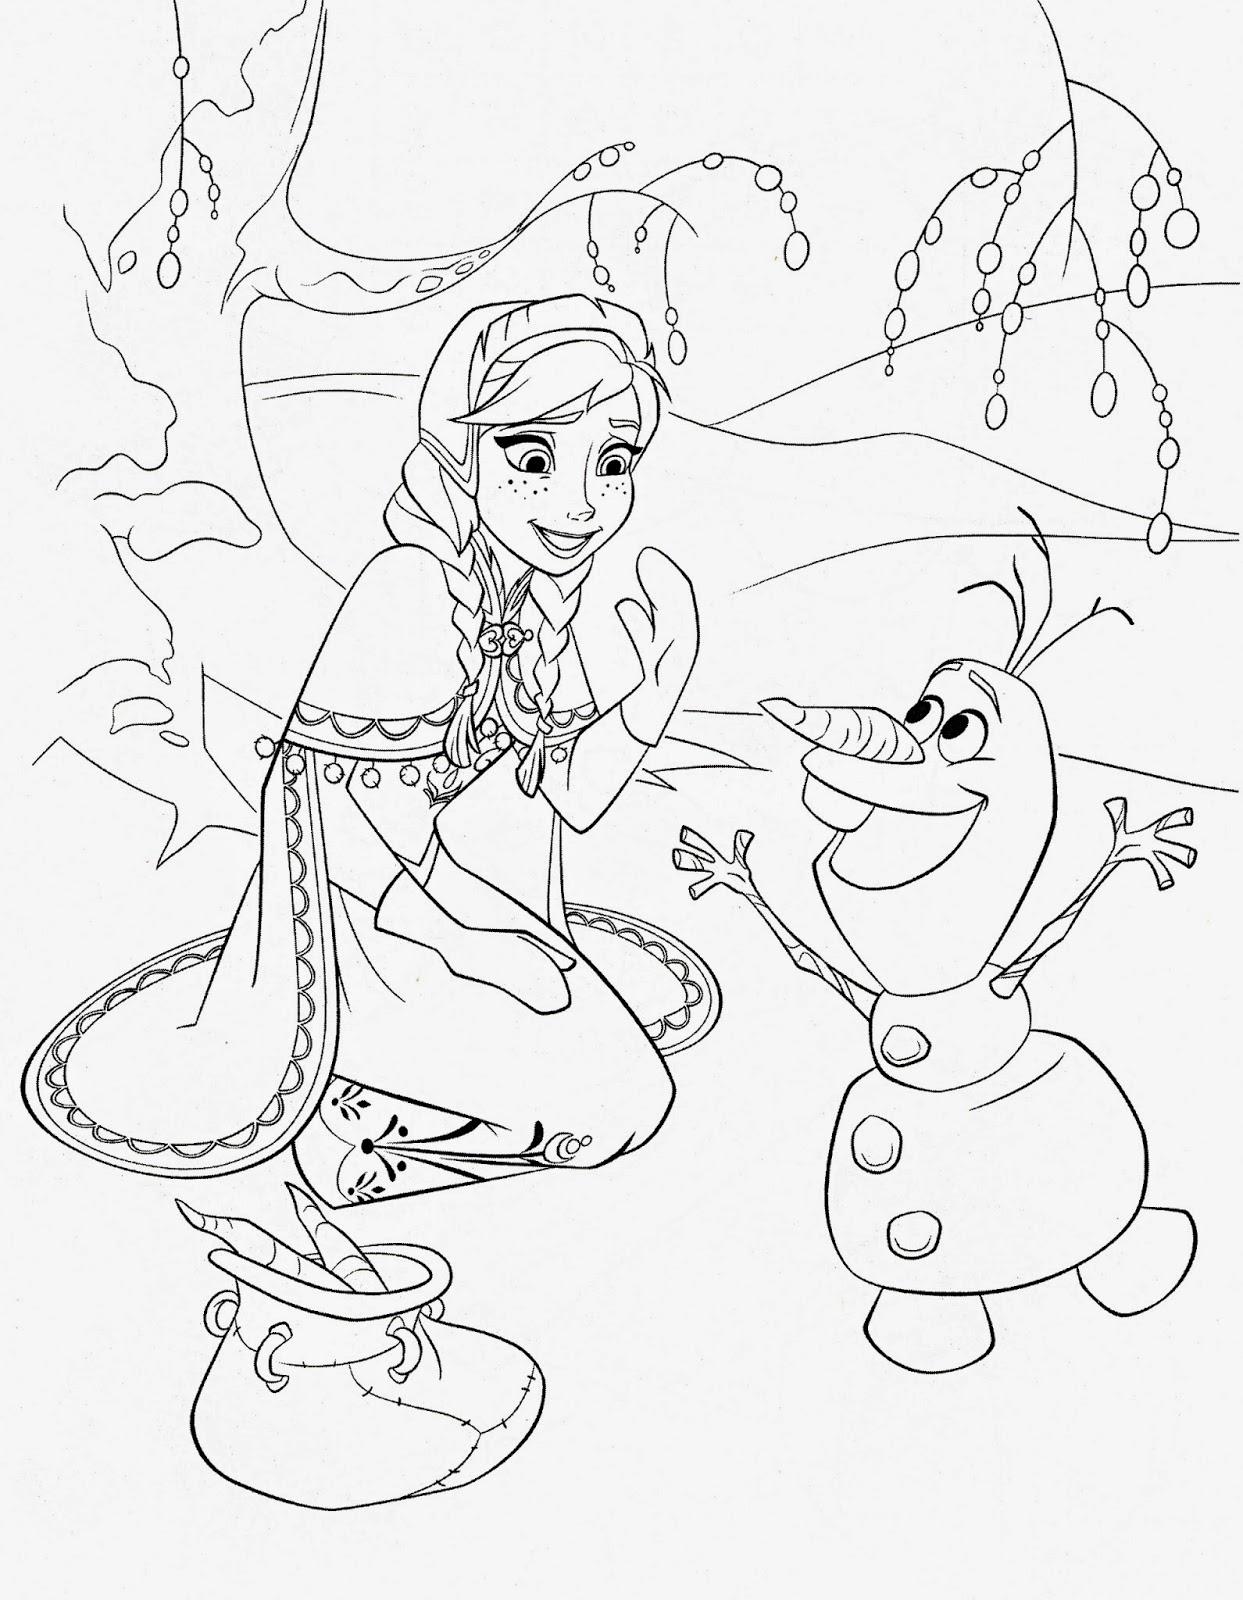 frozen princess coloring pages 10 best fargelegging images on pinterest coloring books pages coloring princess frozen